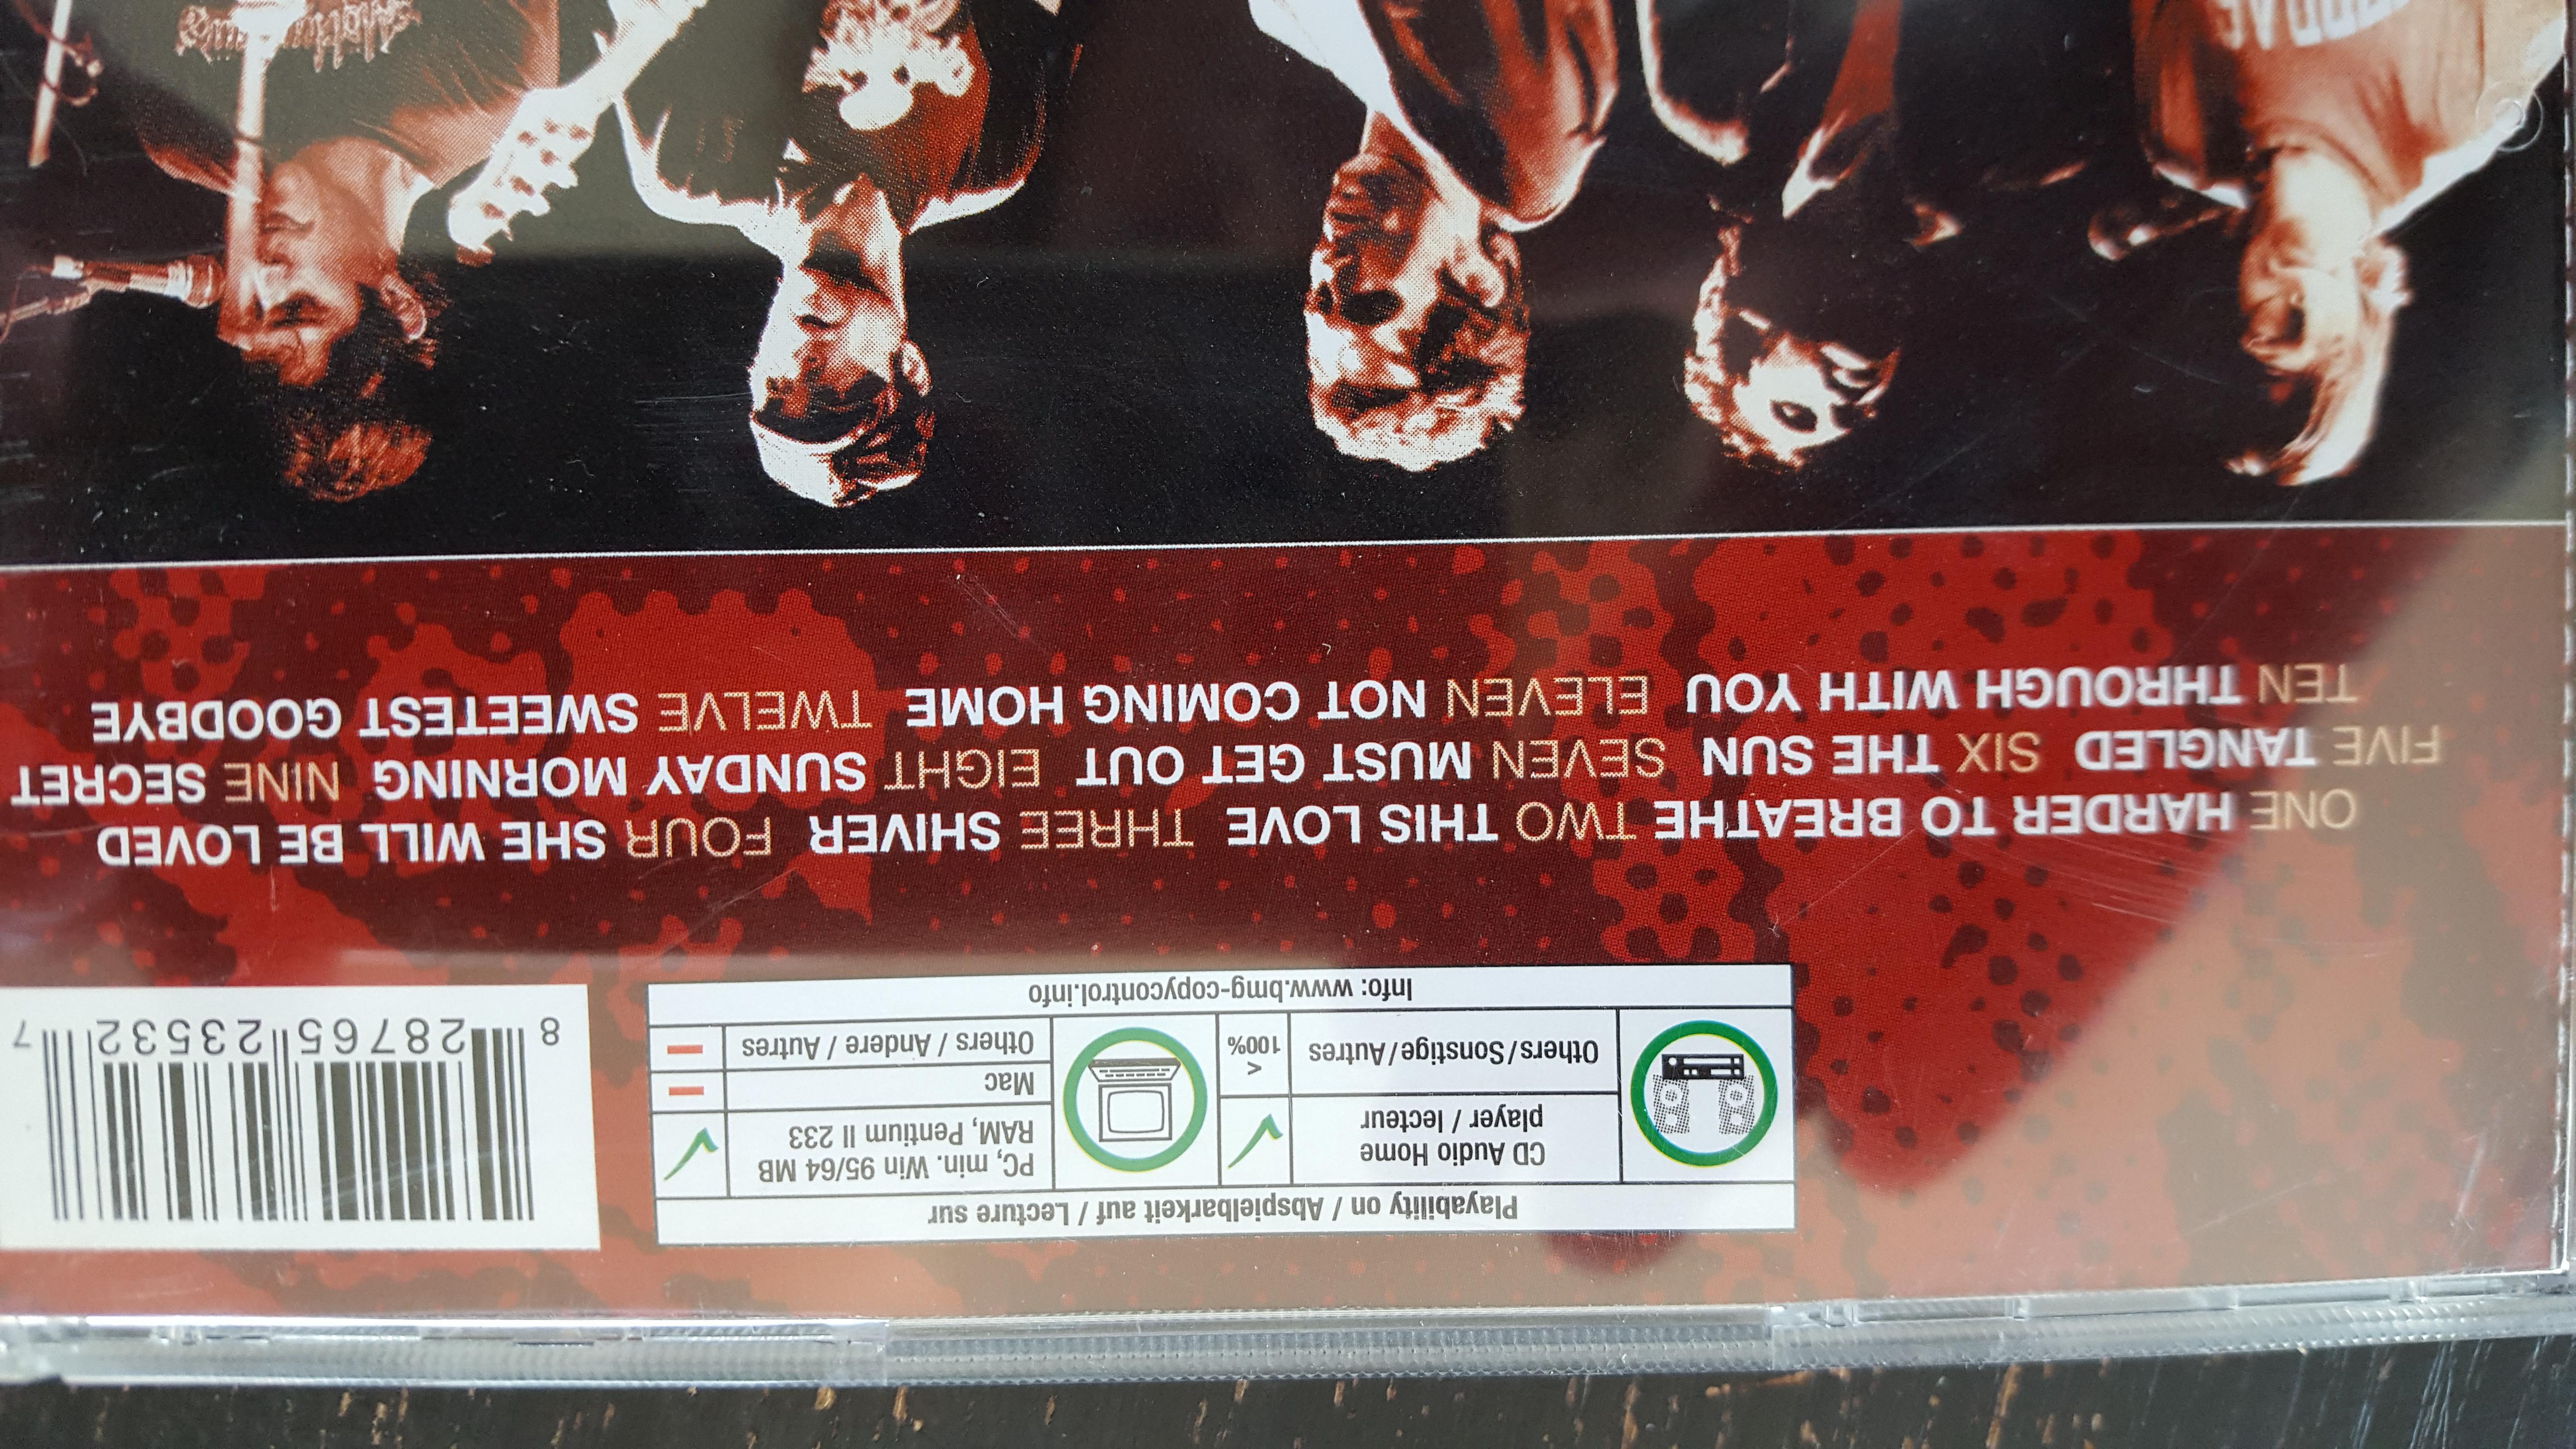 troc de troc cd maroon 5 image 1